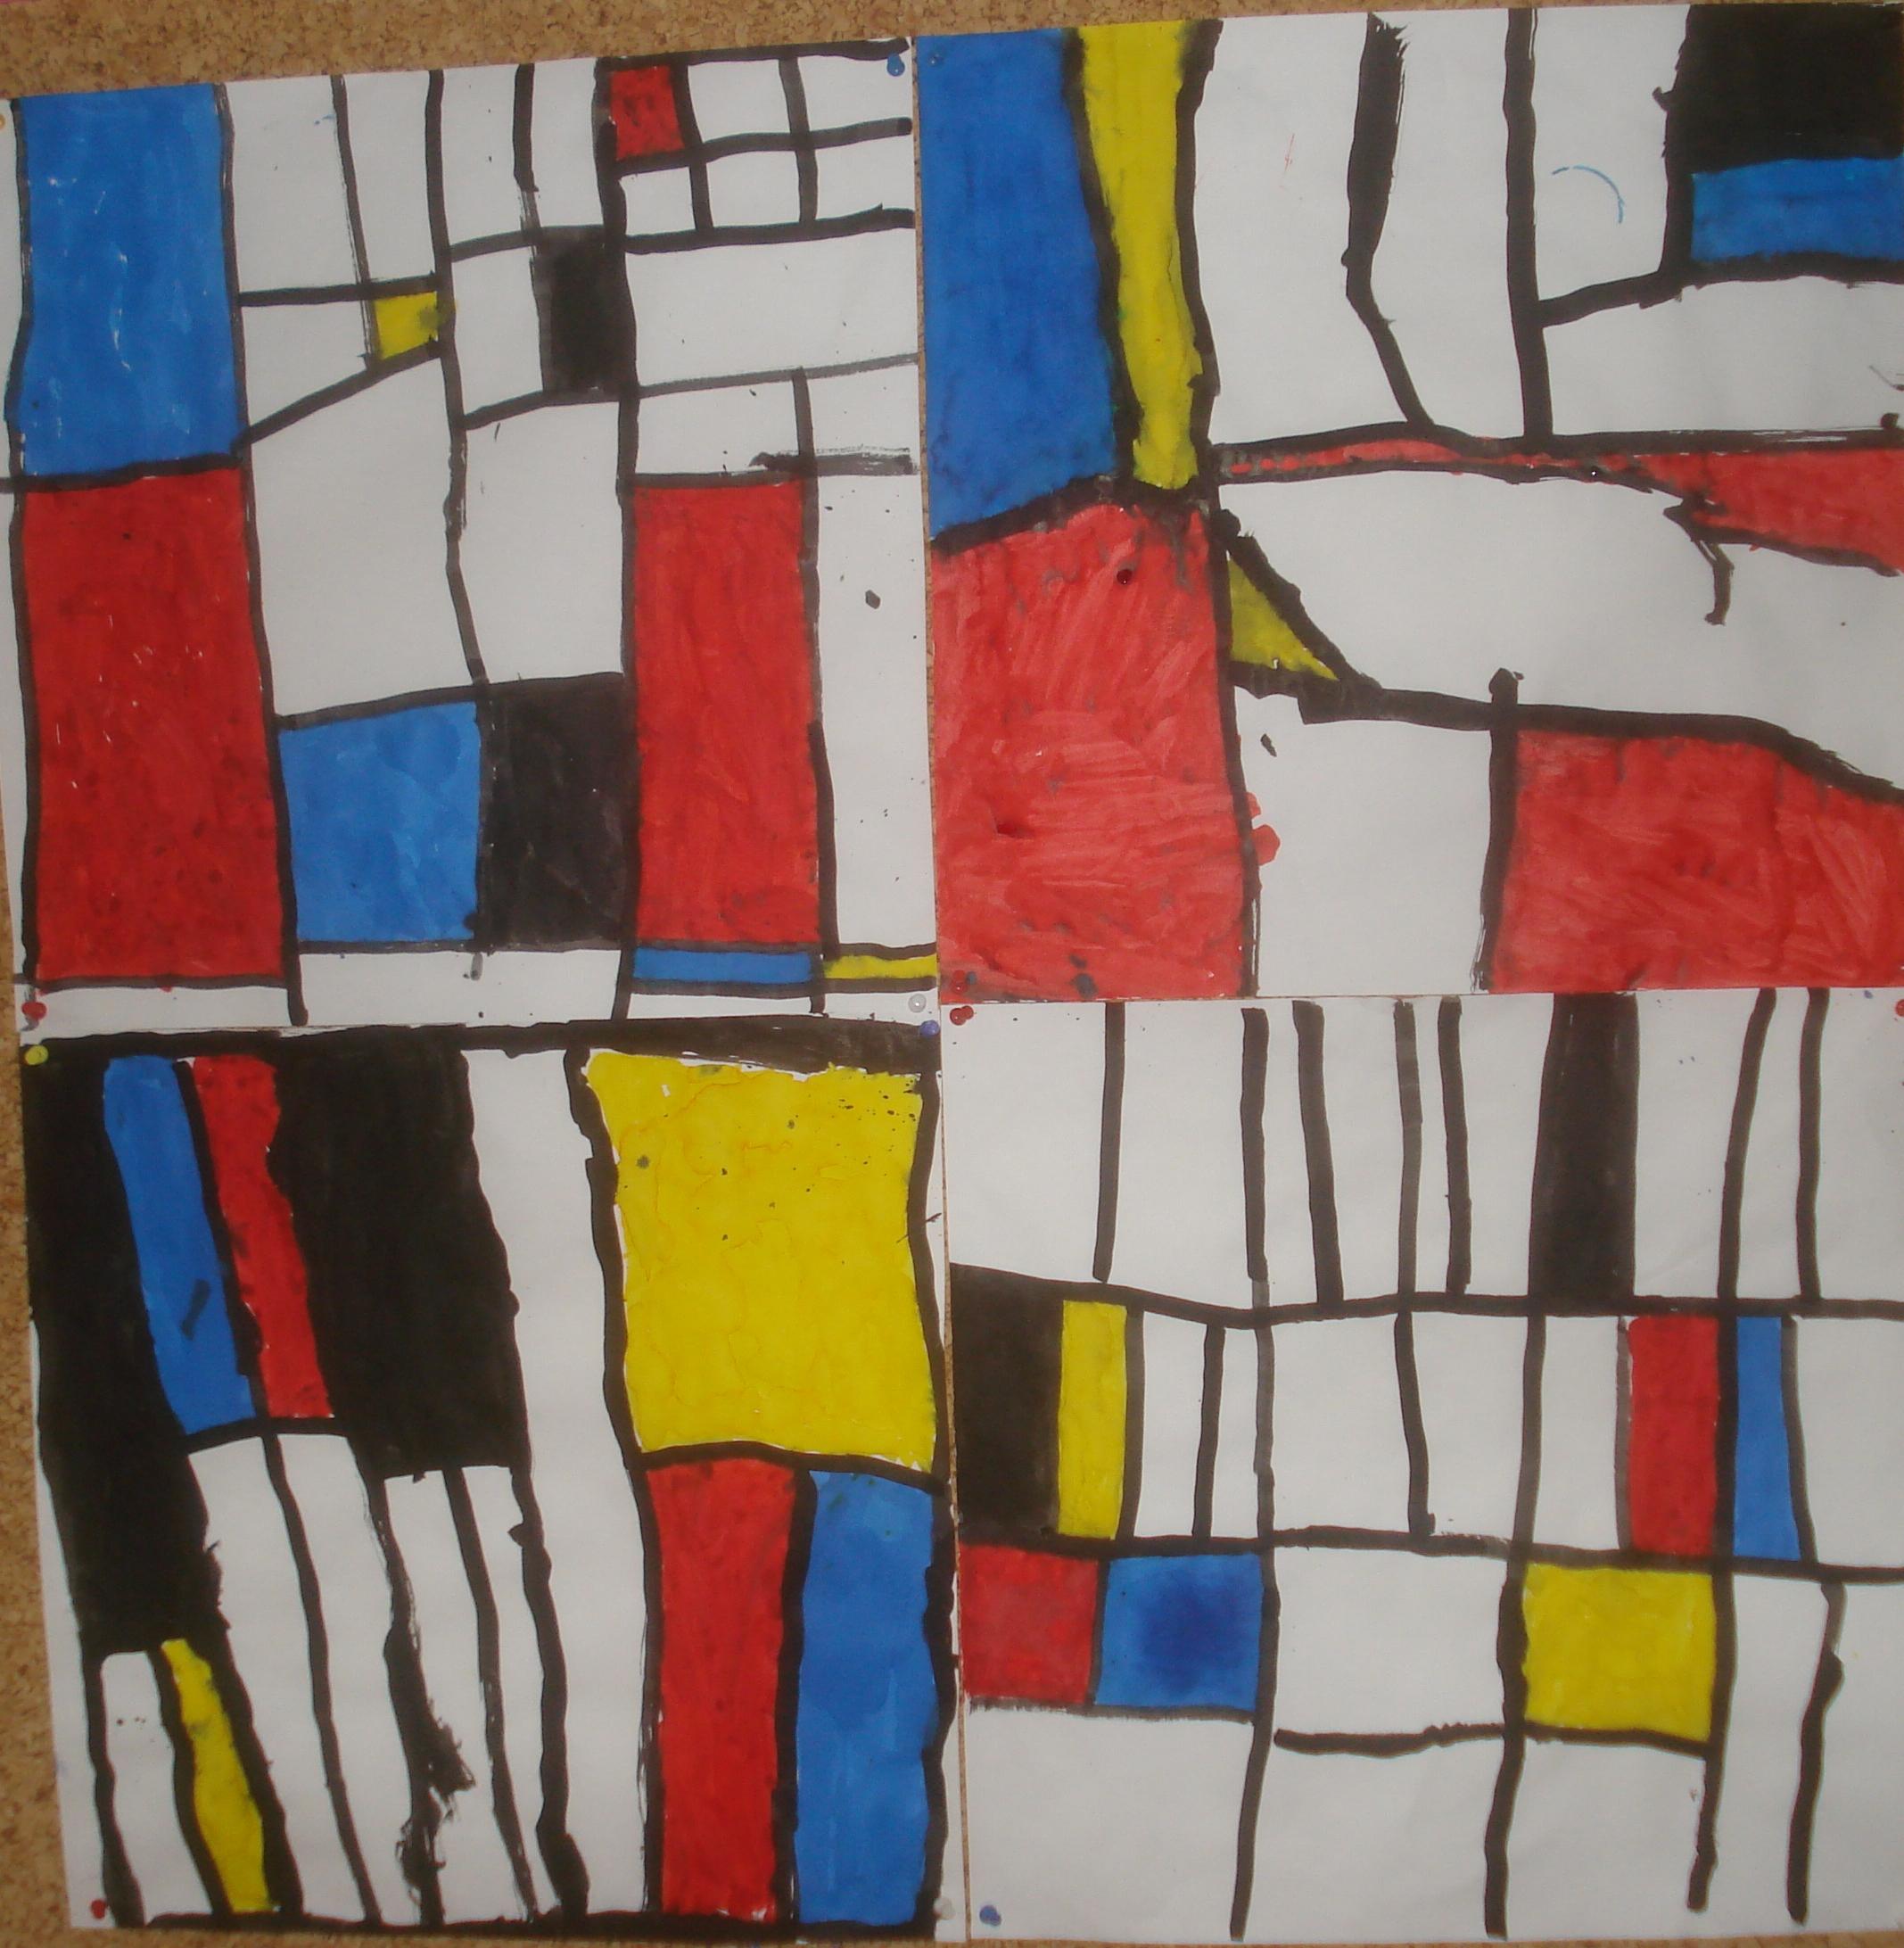 Miro activit s la maison - Fabriquer des tableaux ...